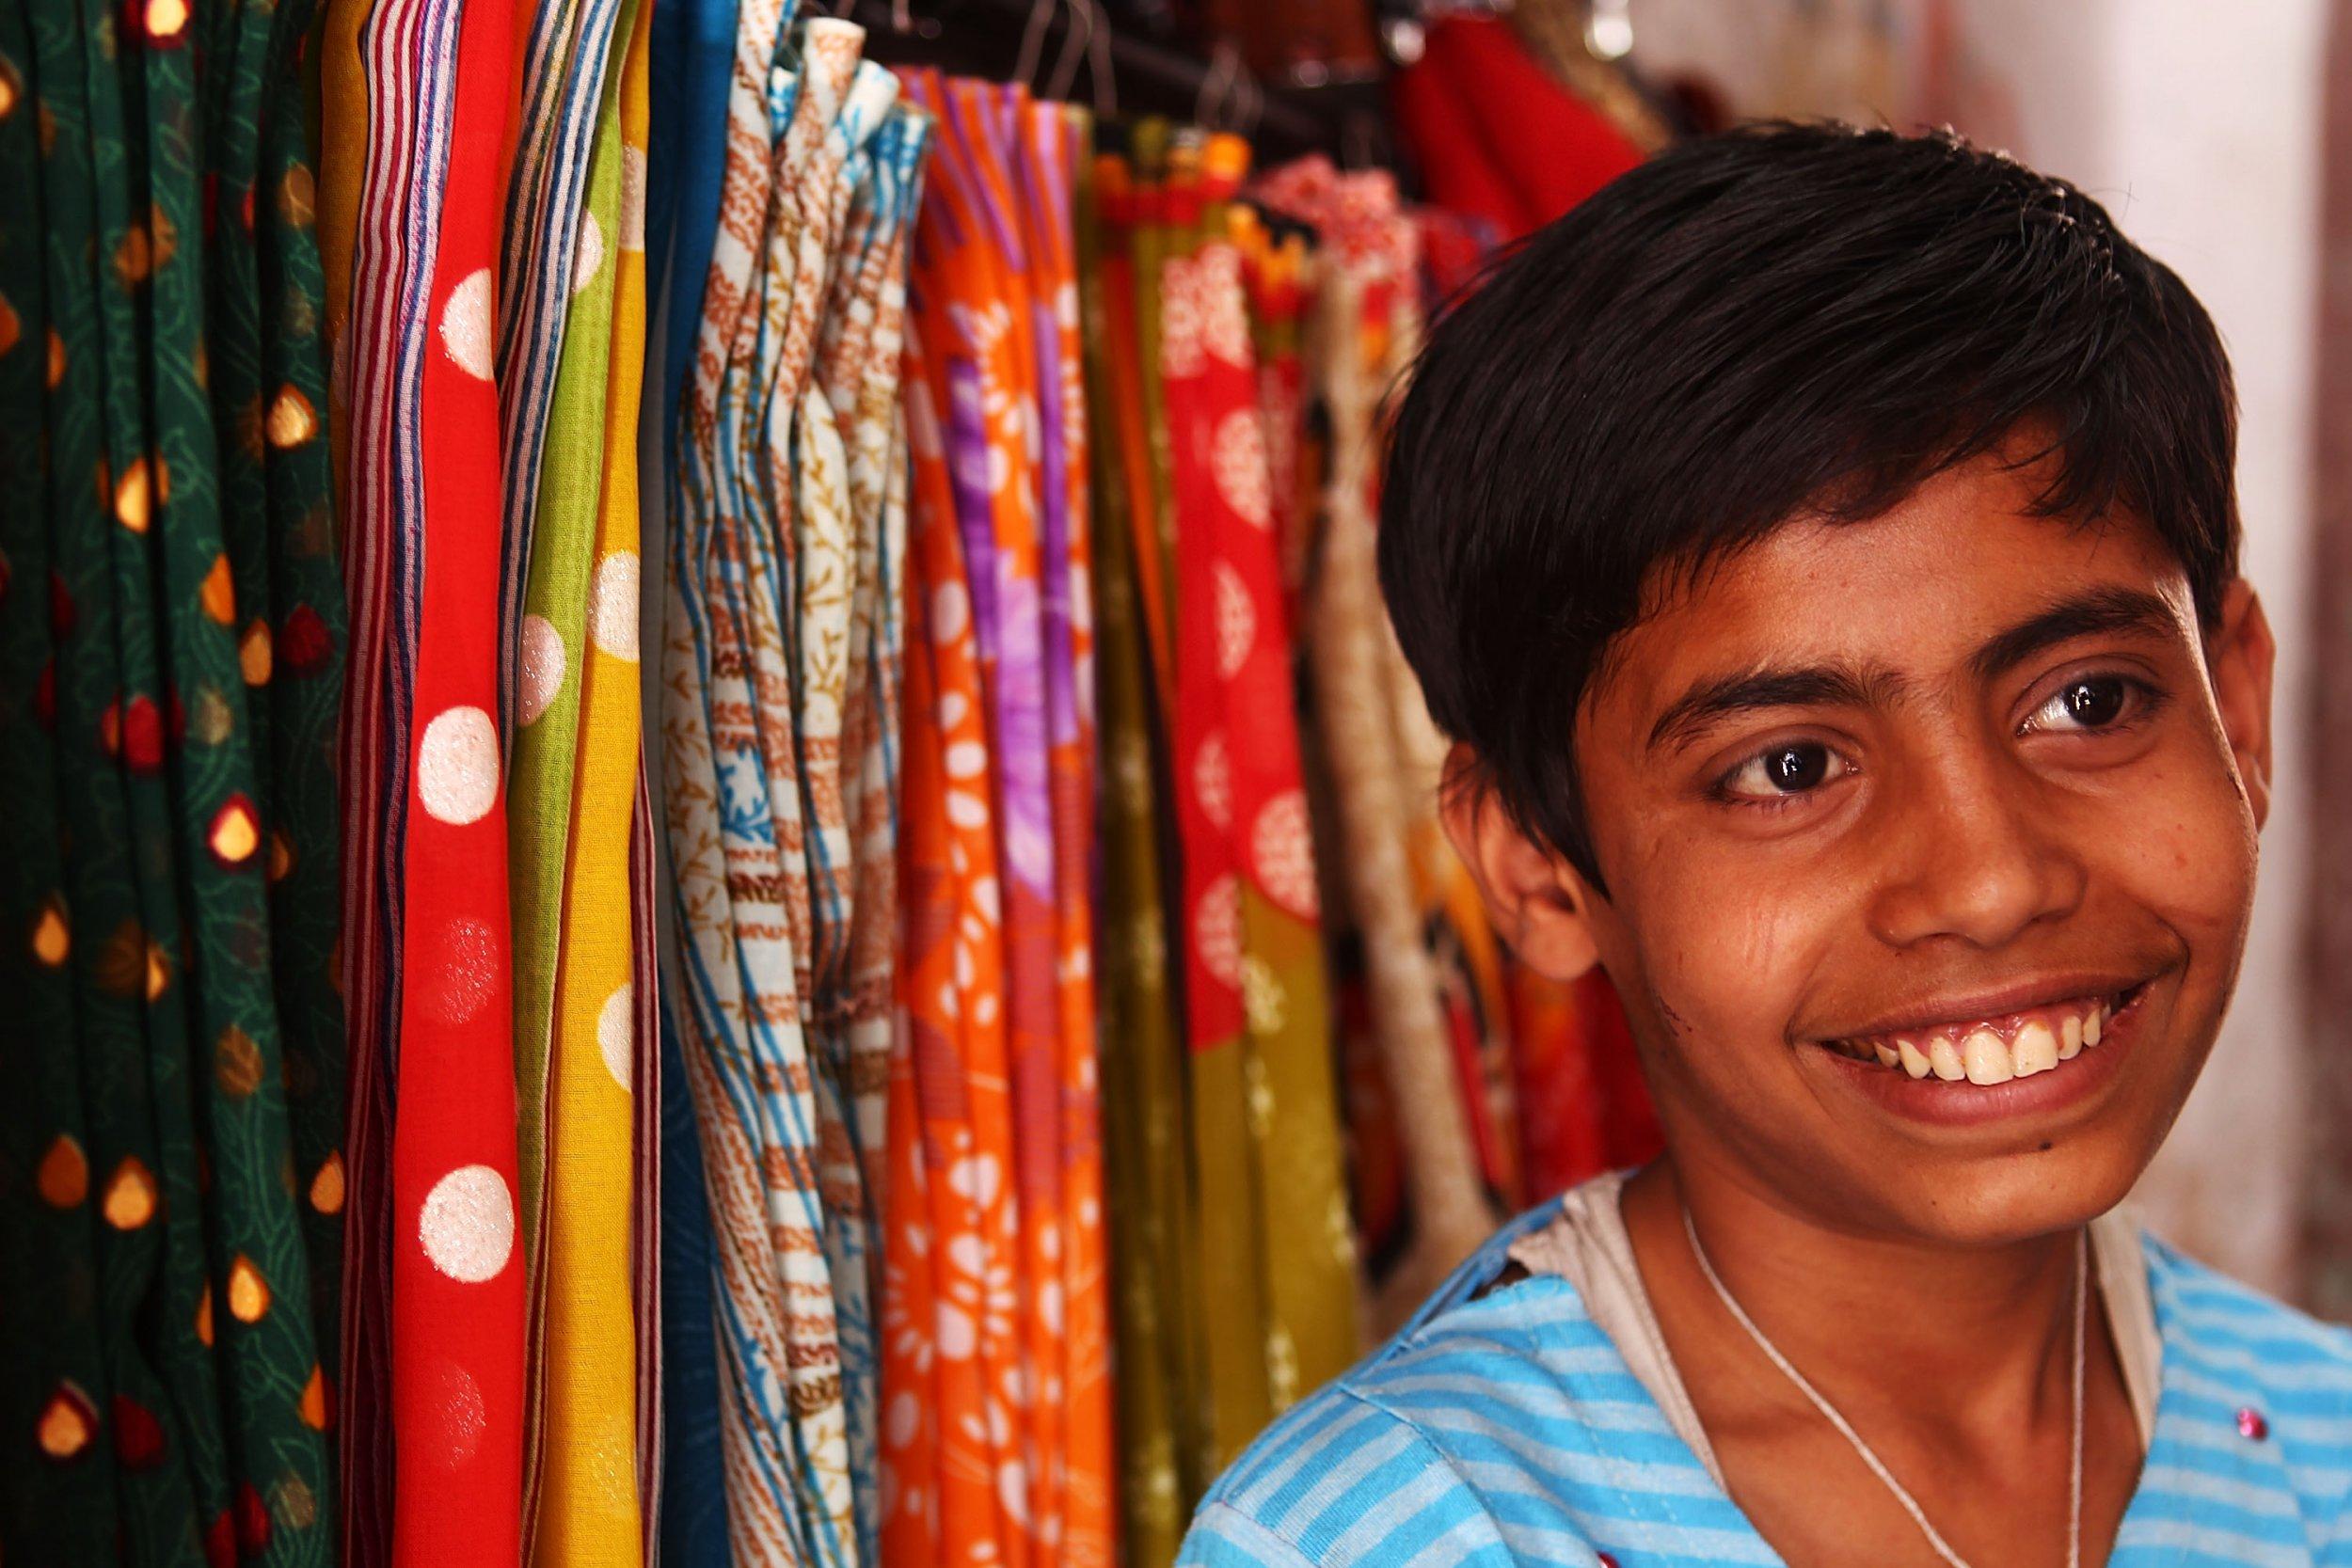 02_08_Jaipur_Books_01